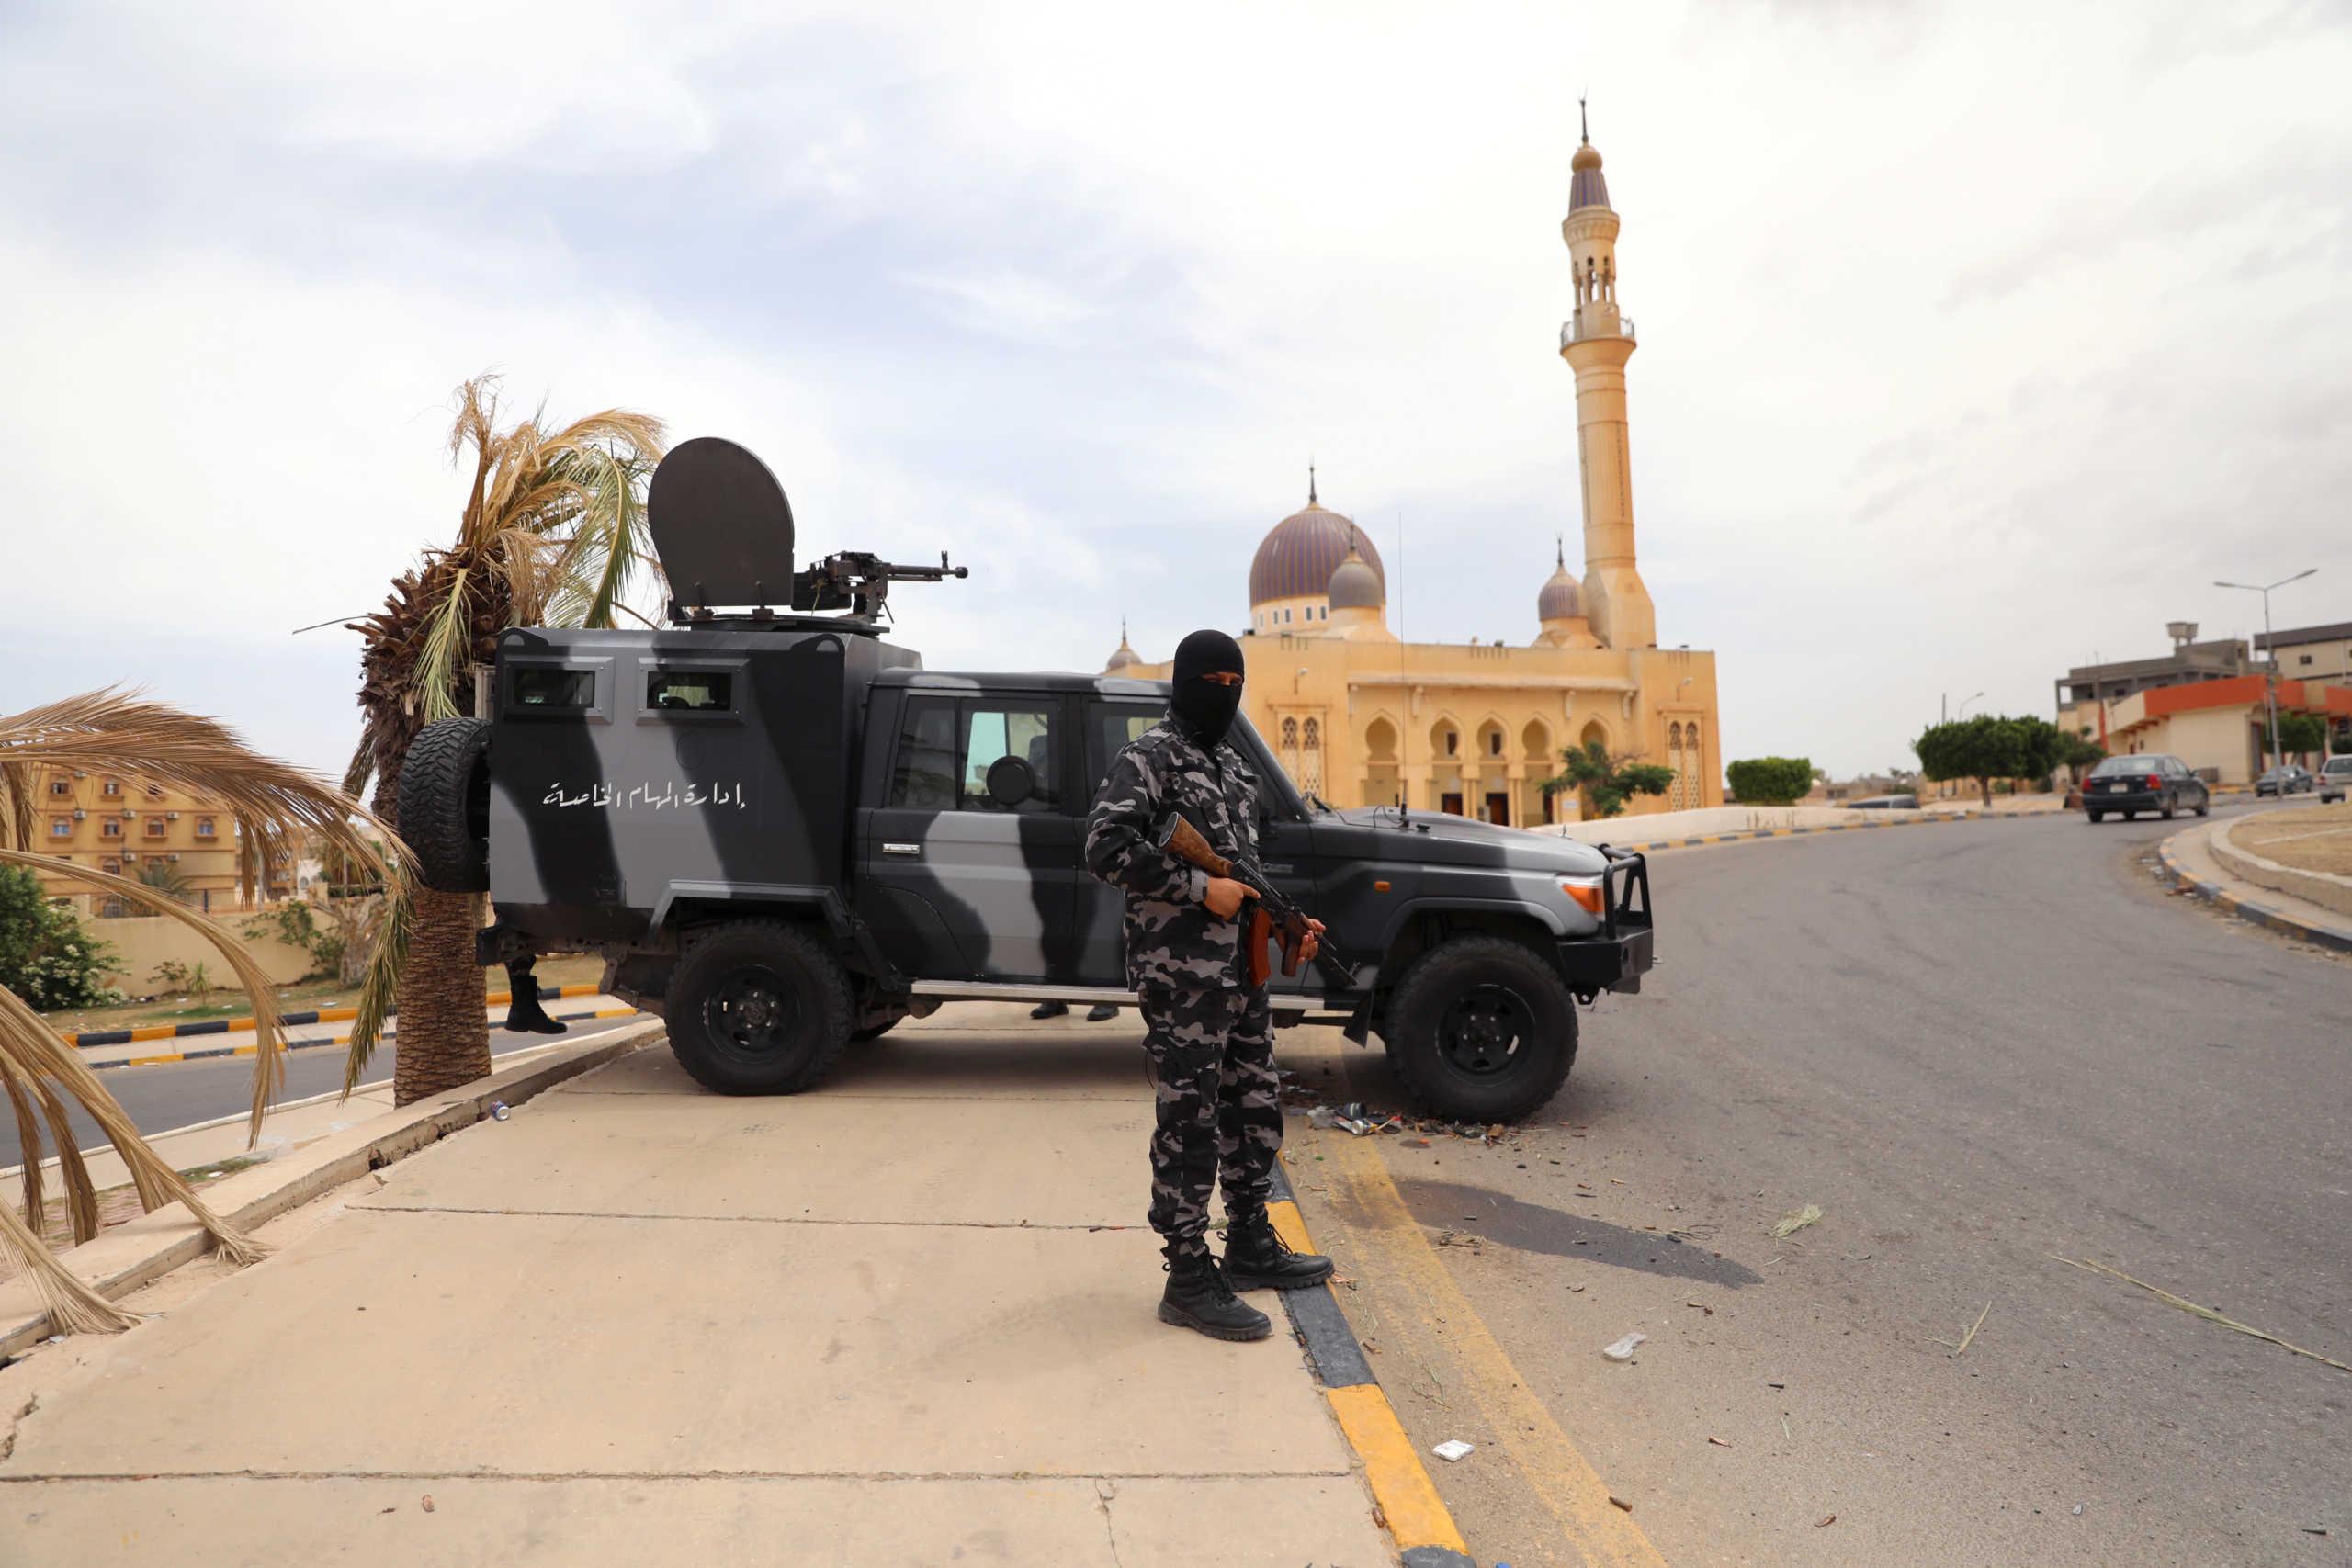 Έκτακτη η σύγκληση του Αραβικού Συνδέσμου ζητά η Αίγυπτος για τις εξελίξεις στη Λιβύη